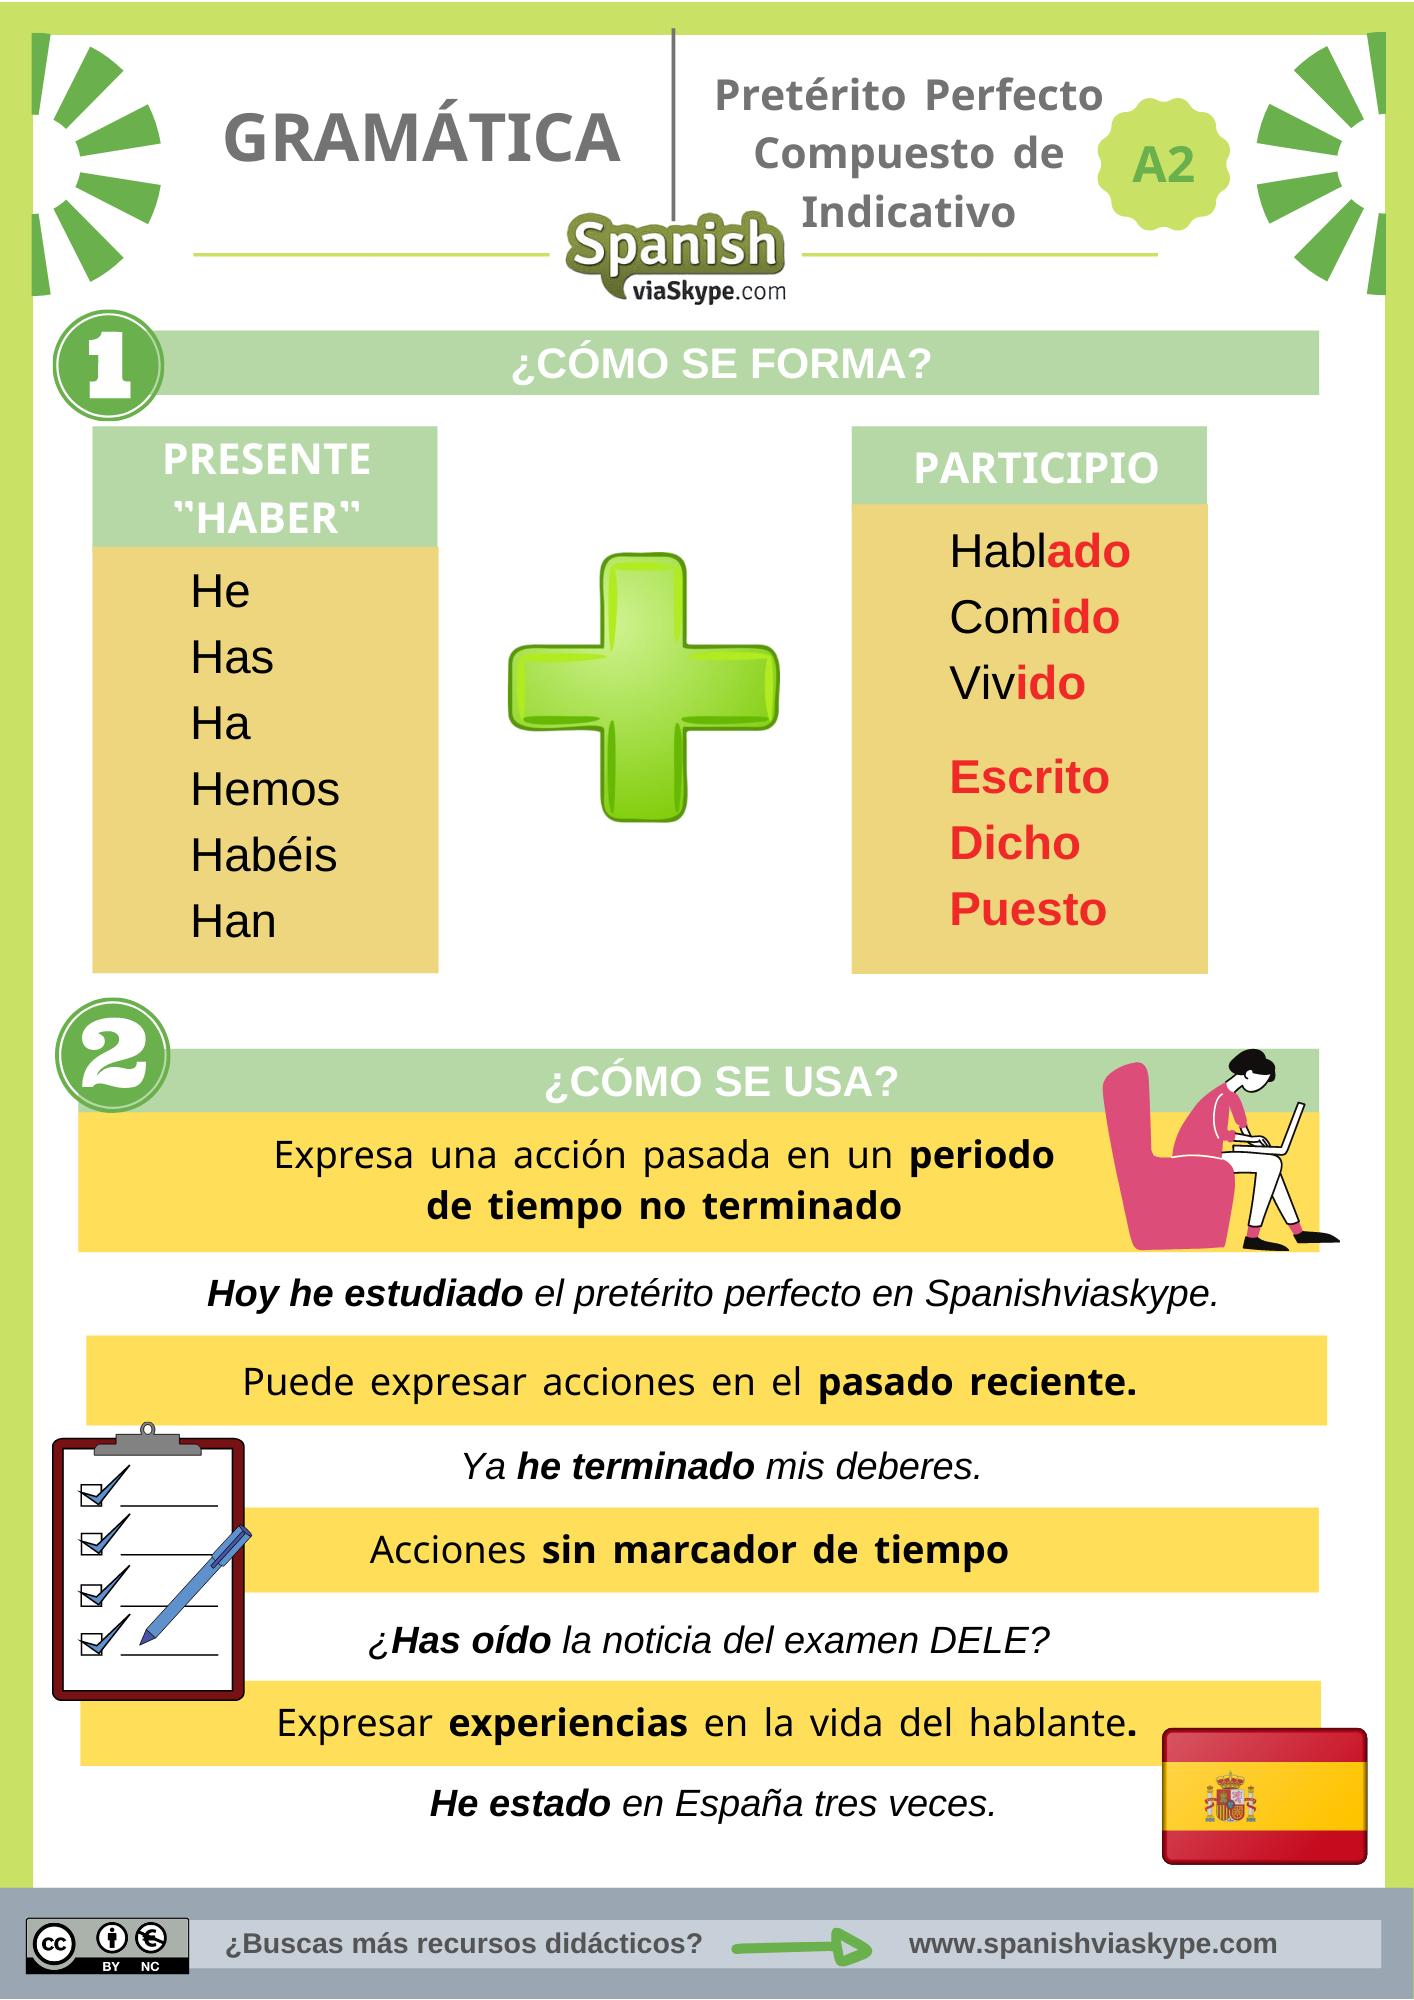 Infografía del pretérito perfecto compuesto de indicativo en español